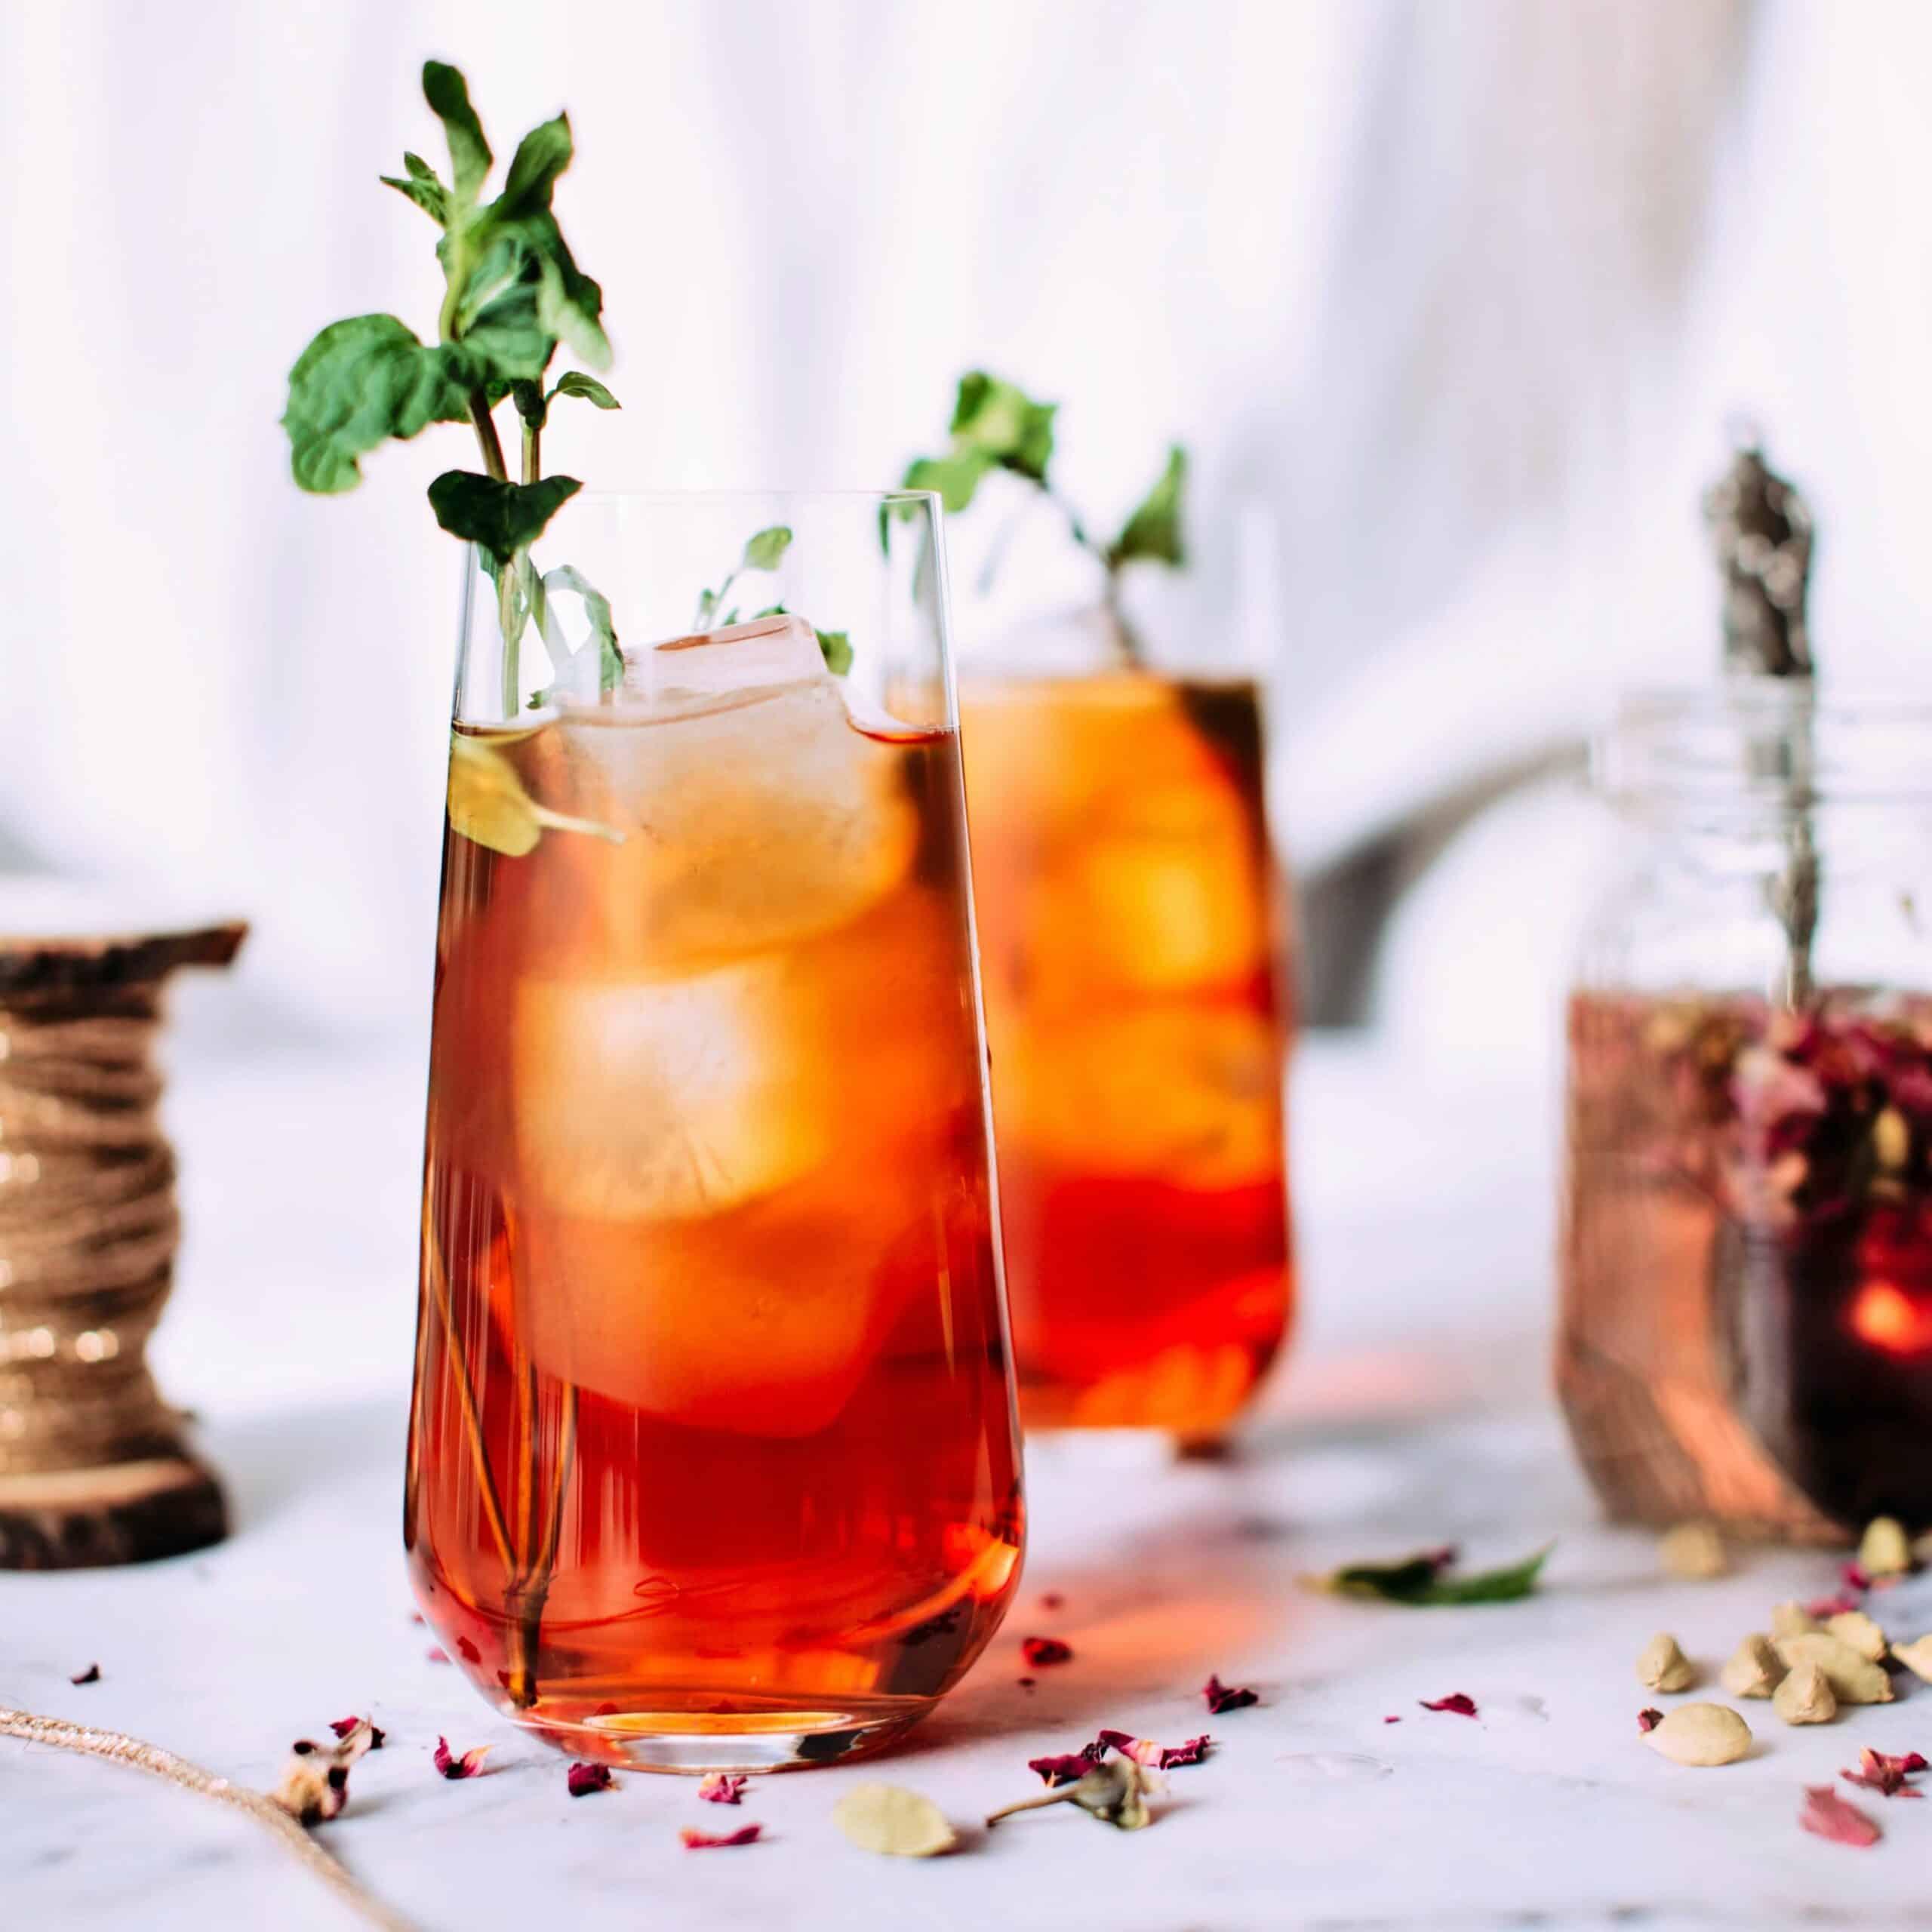 Quel thé choisir pour faire un thé glacé?